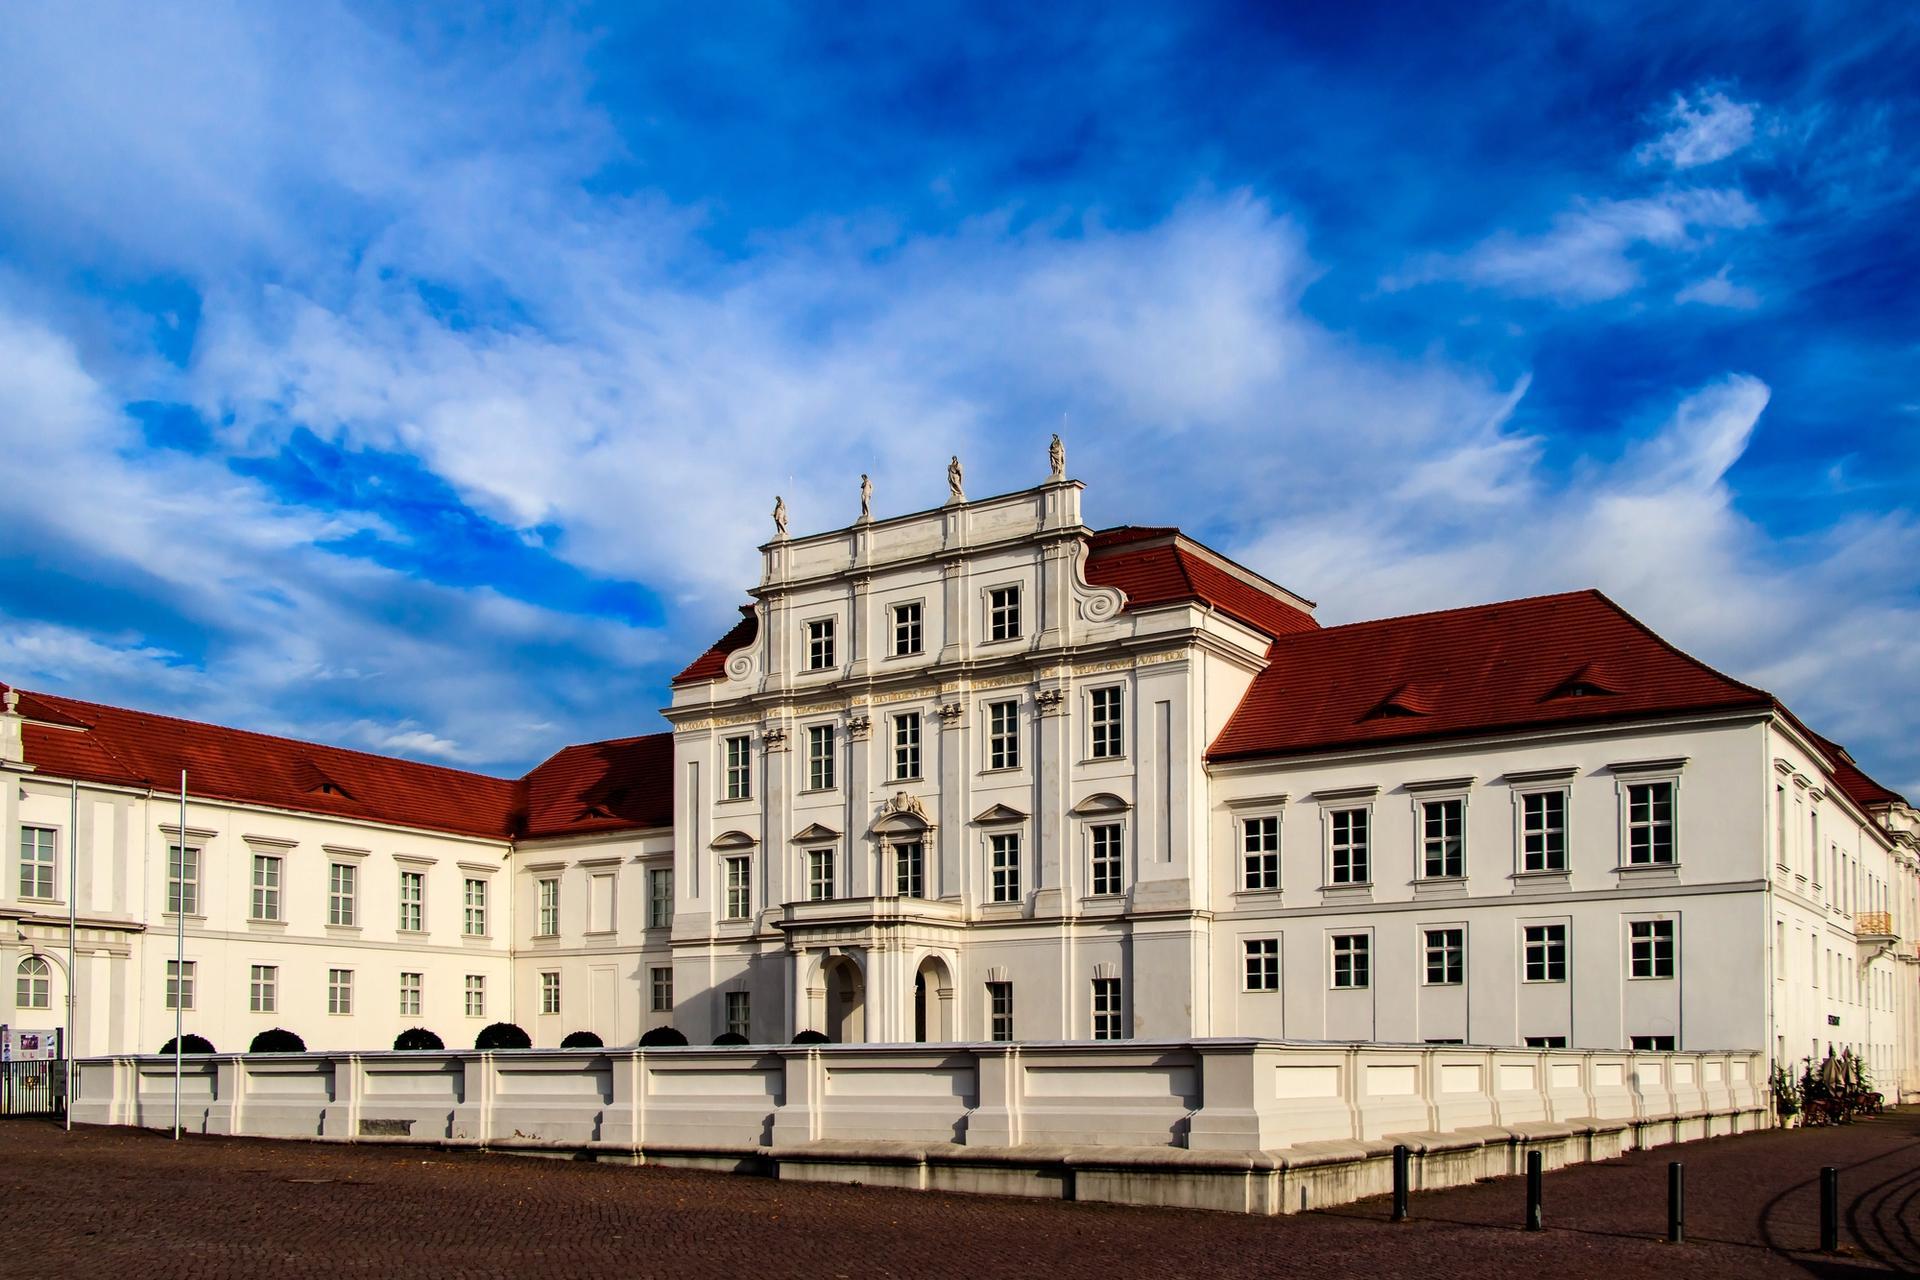 Anticimex Kammerjäger in Oranienburg